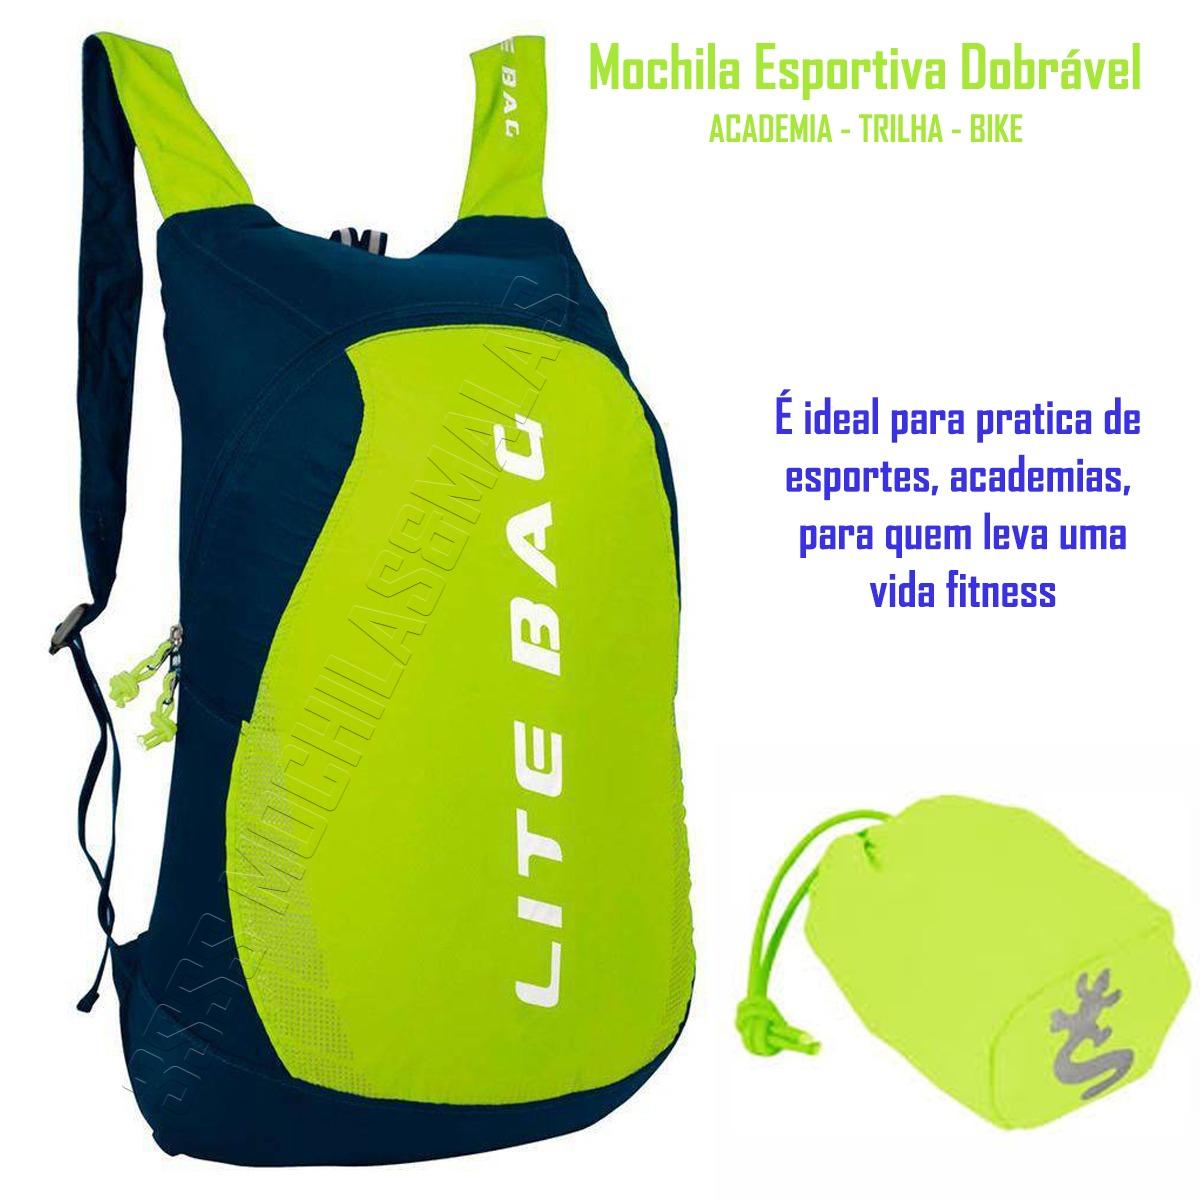 bd8a458e2 Mochila Tactel Dobrável C/estojo Esportes Natação Lt-1035 - R$ 104 ...